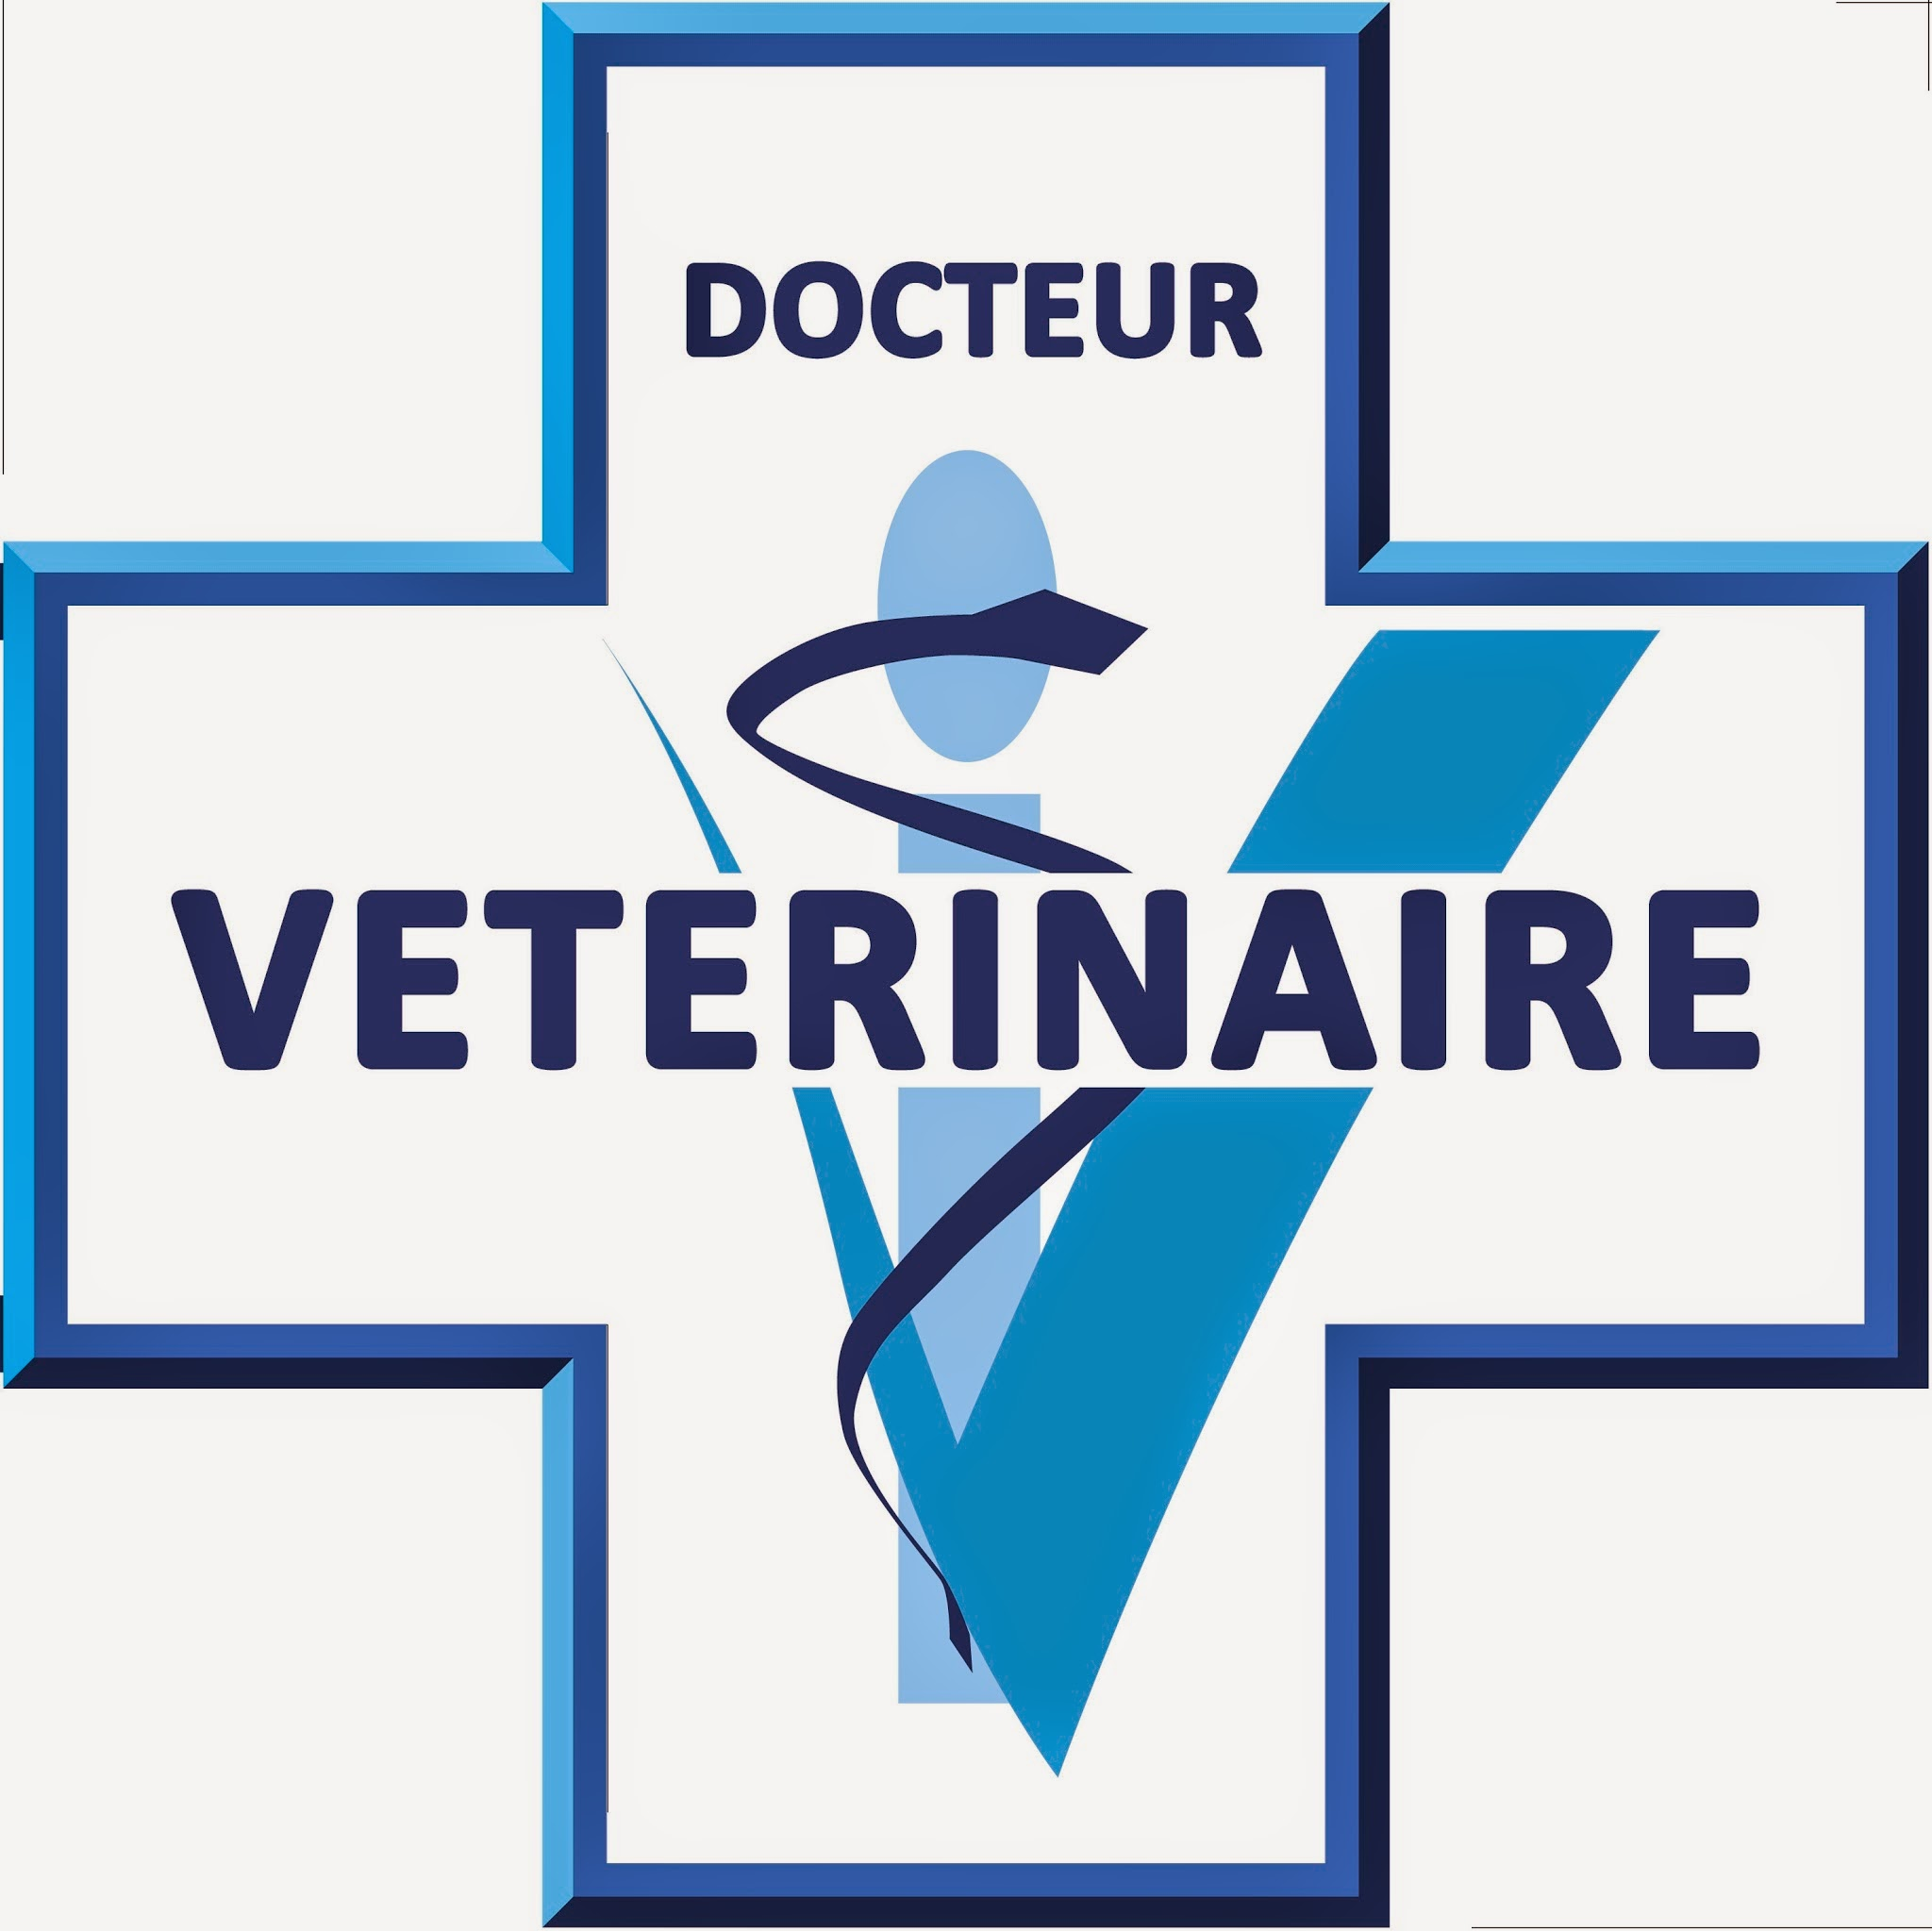 Vétérinaires